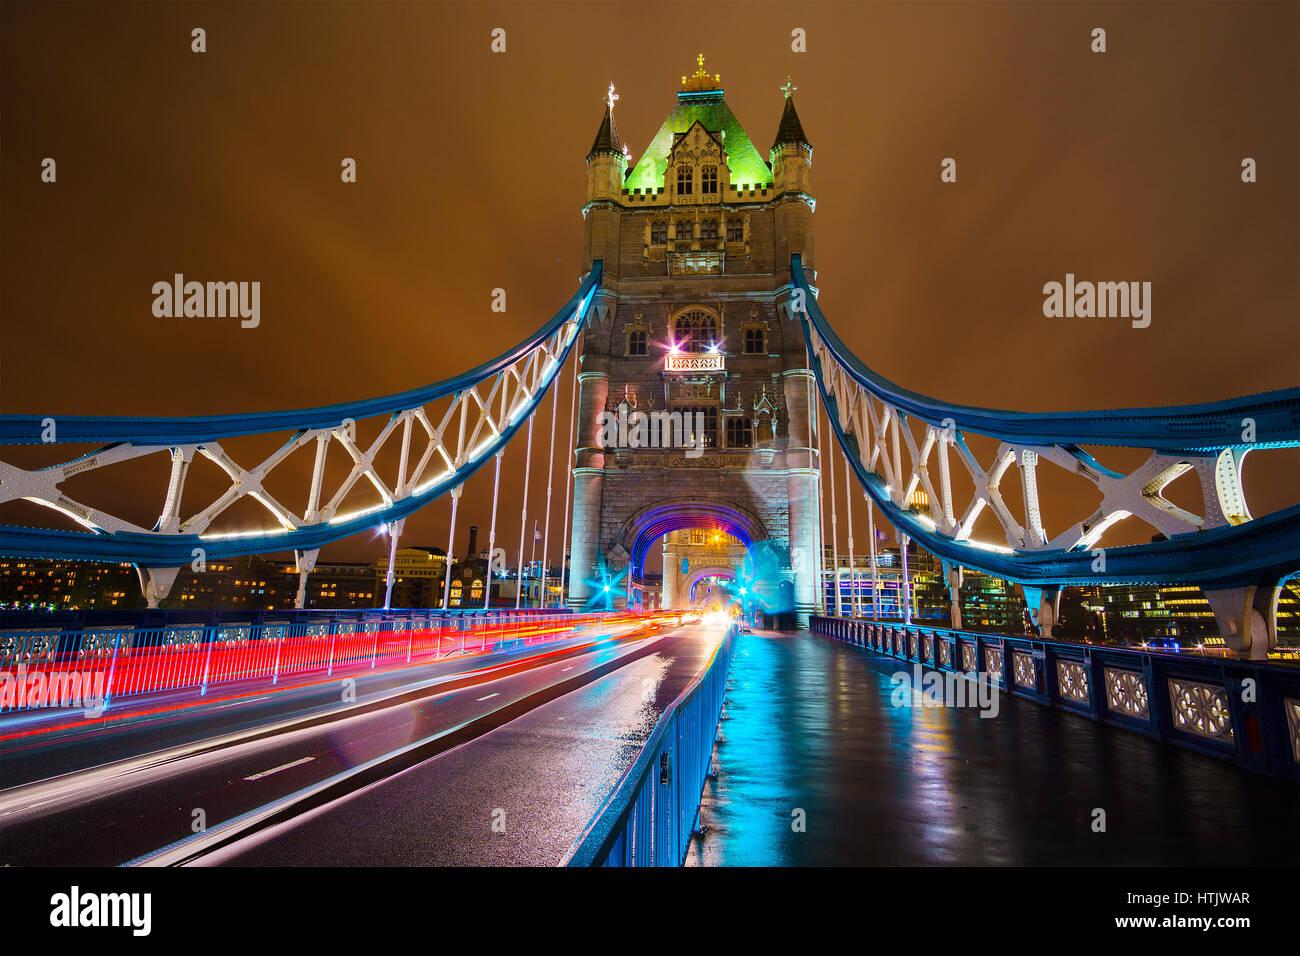 Tower Bridge bei Nacht beleuchtet. London, Vereinigtes Königreich. Stockbild